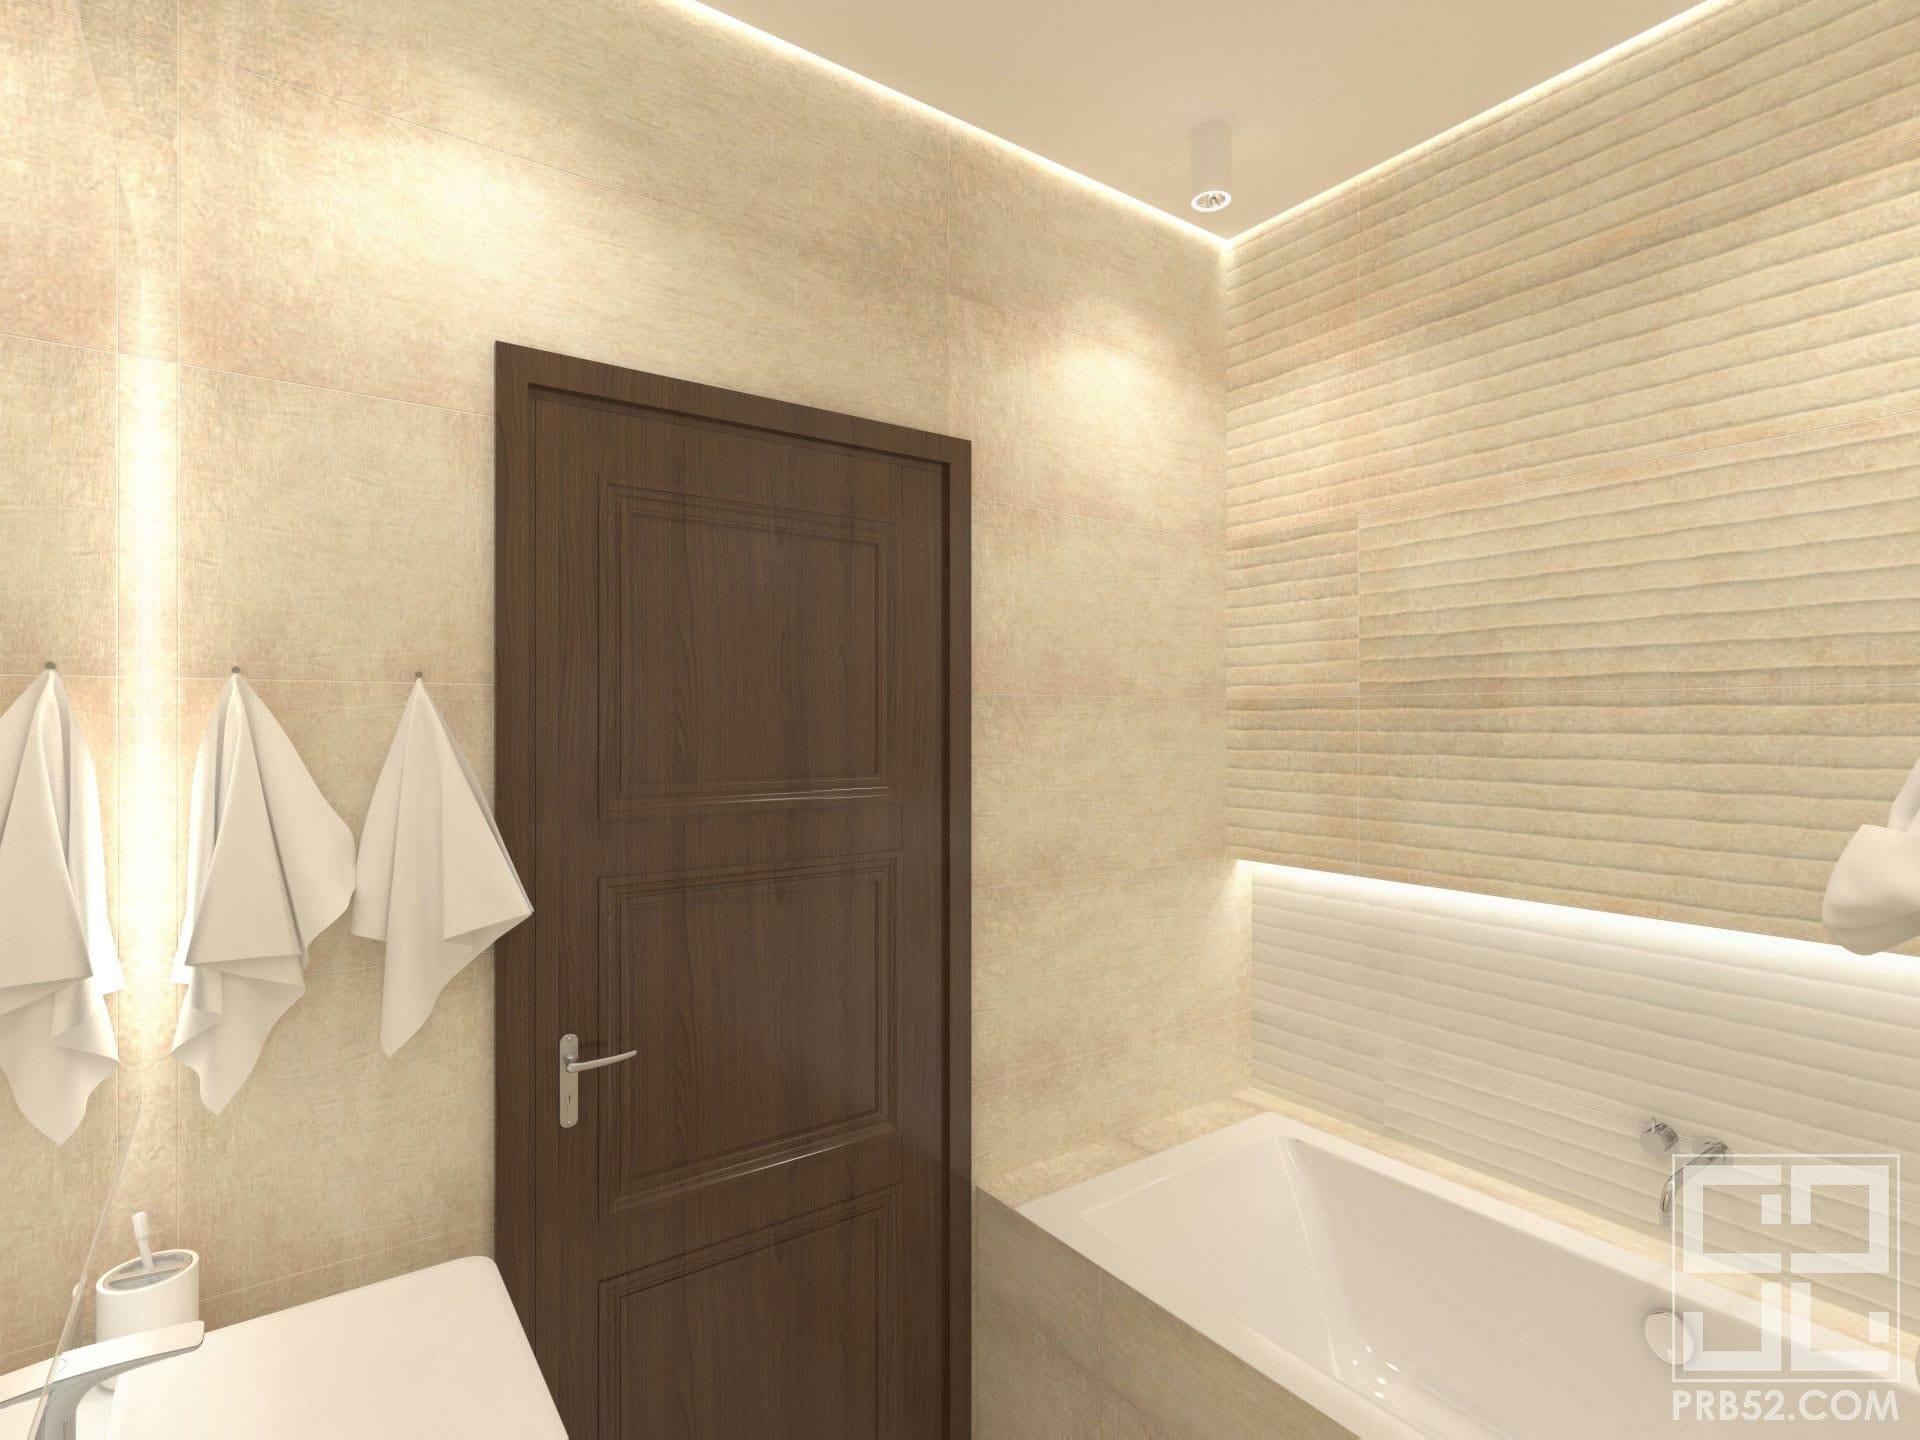 дизайн интерьера ванной комнаты с подсветкой